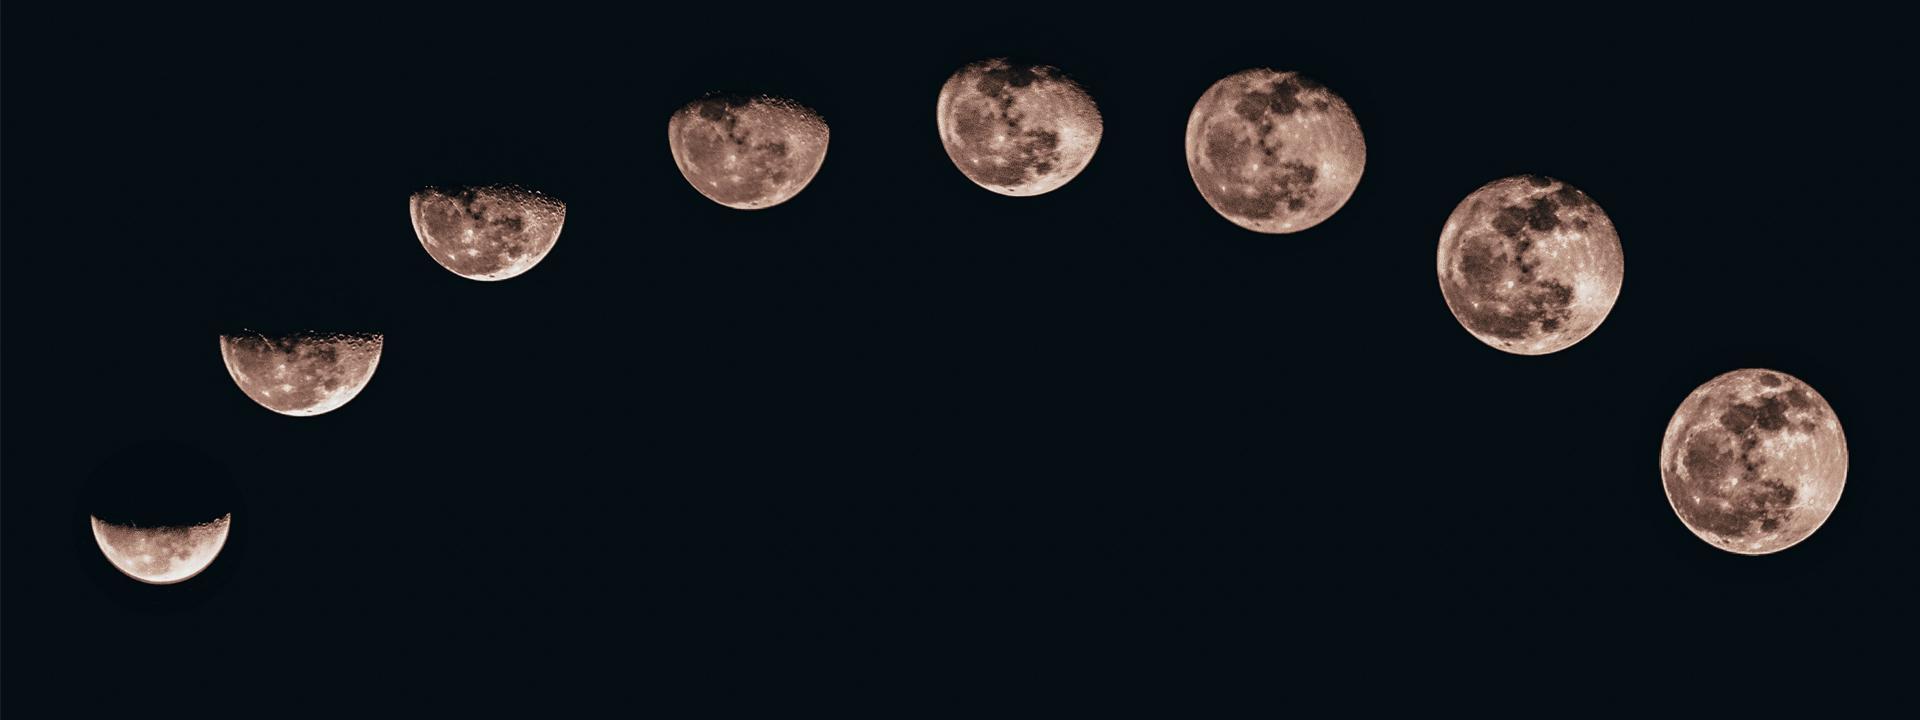 Calendario lunare: la luna e le fasi lunari   Allarme Meteo